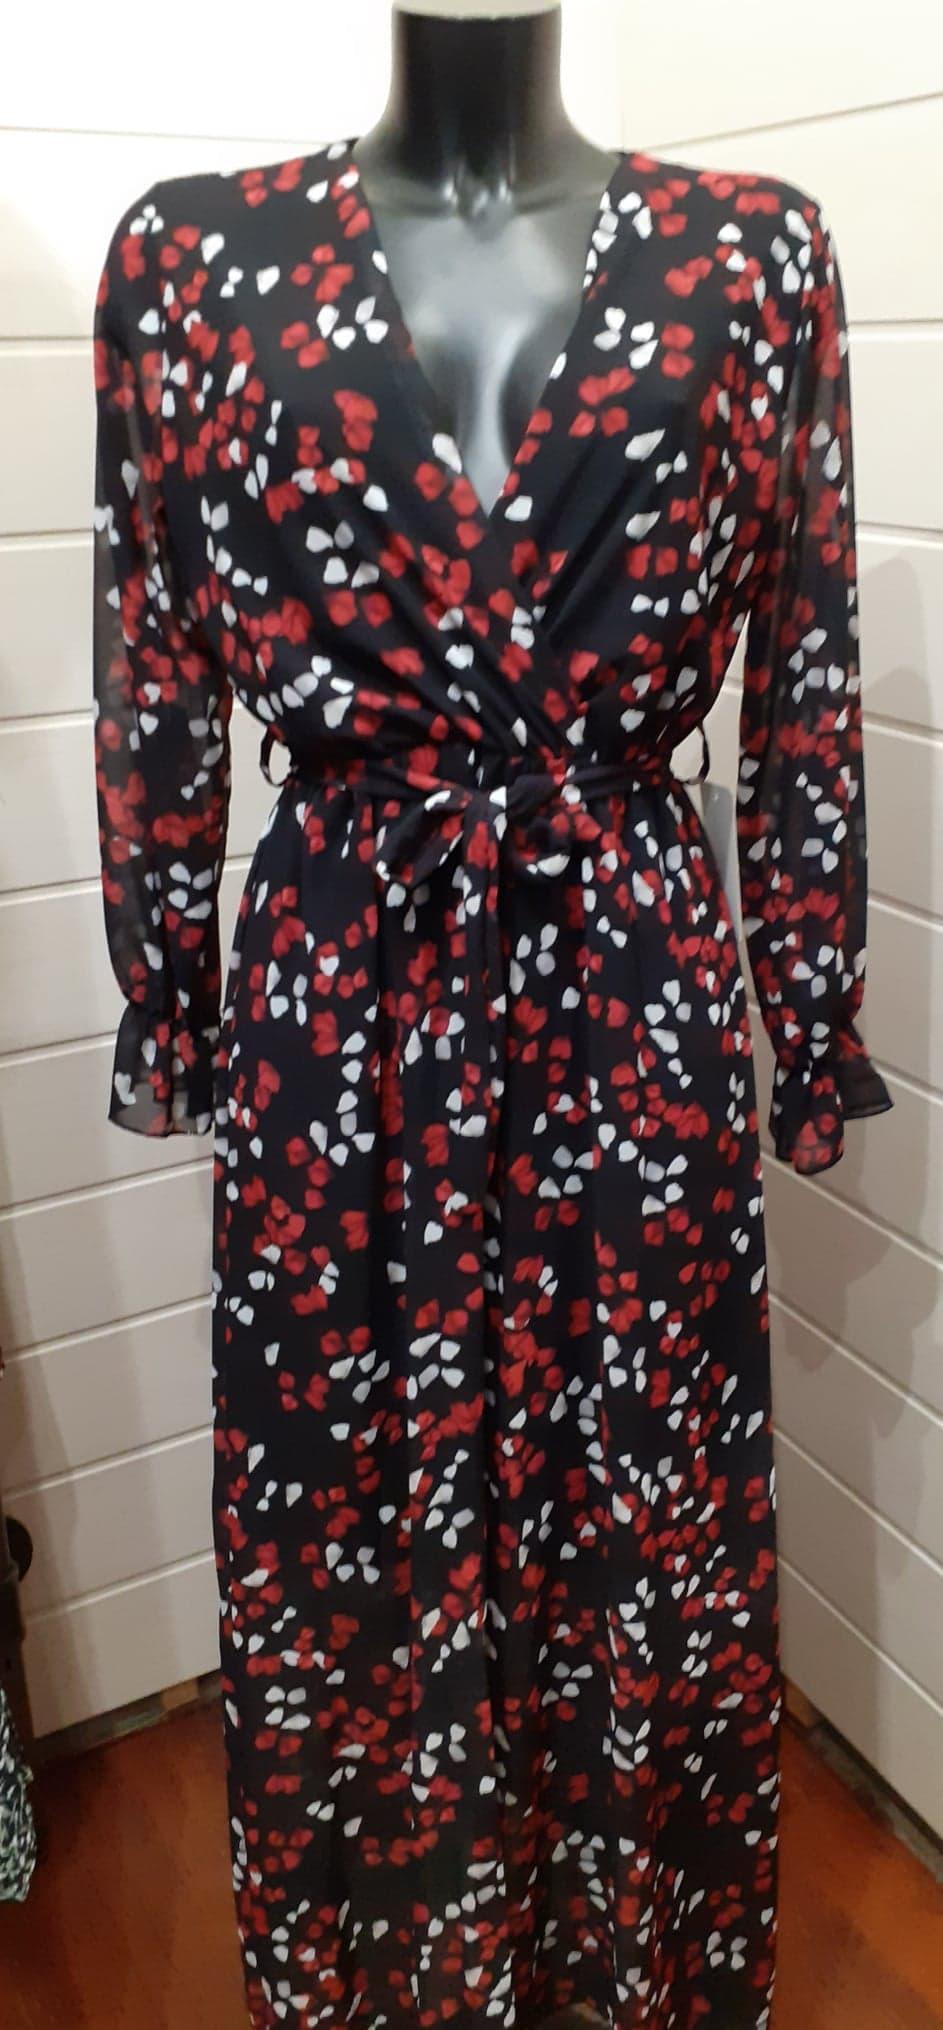 longue robe noir fleur rouge et blanche manche longue - rob-lon-fle-rou-bla